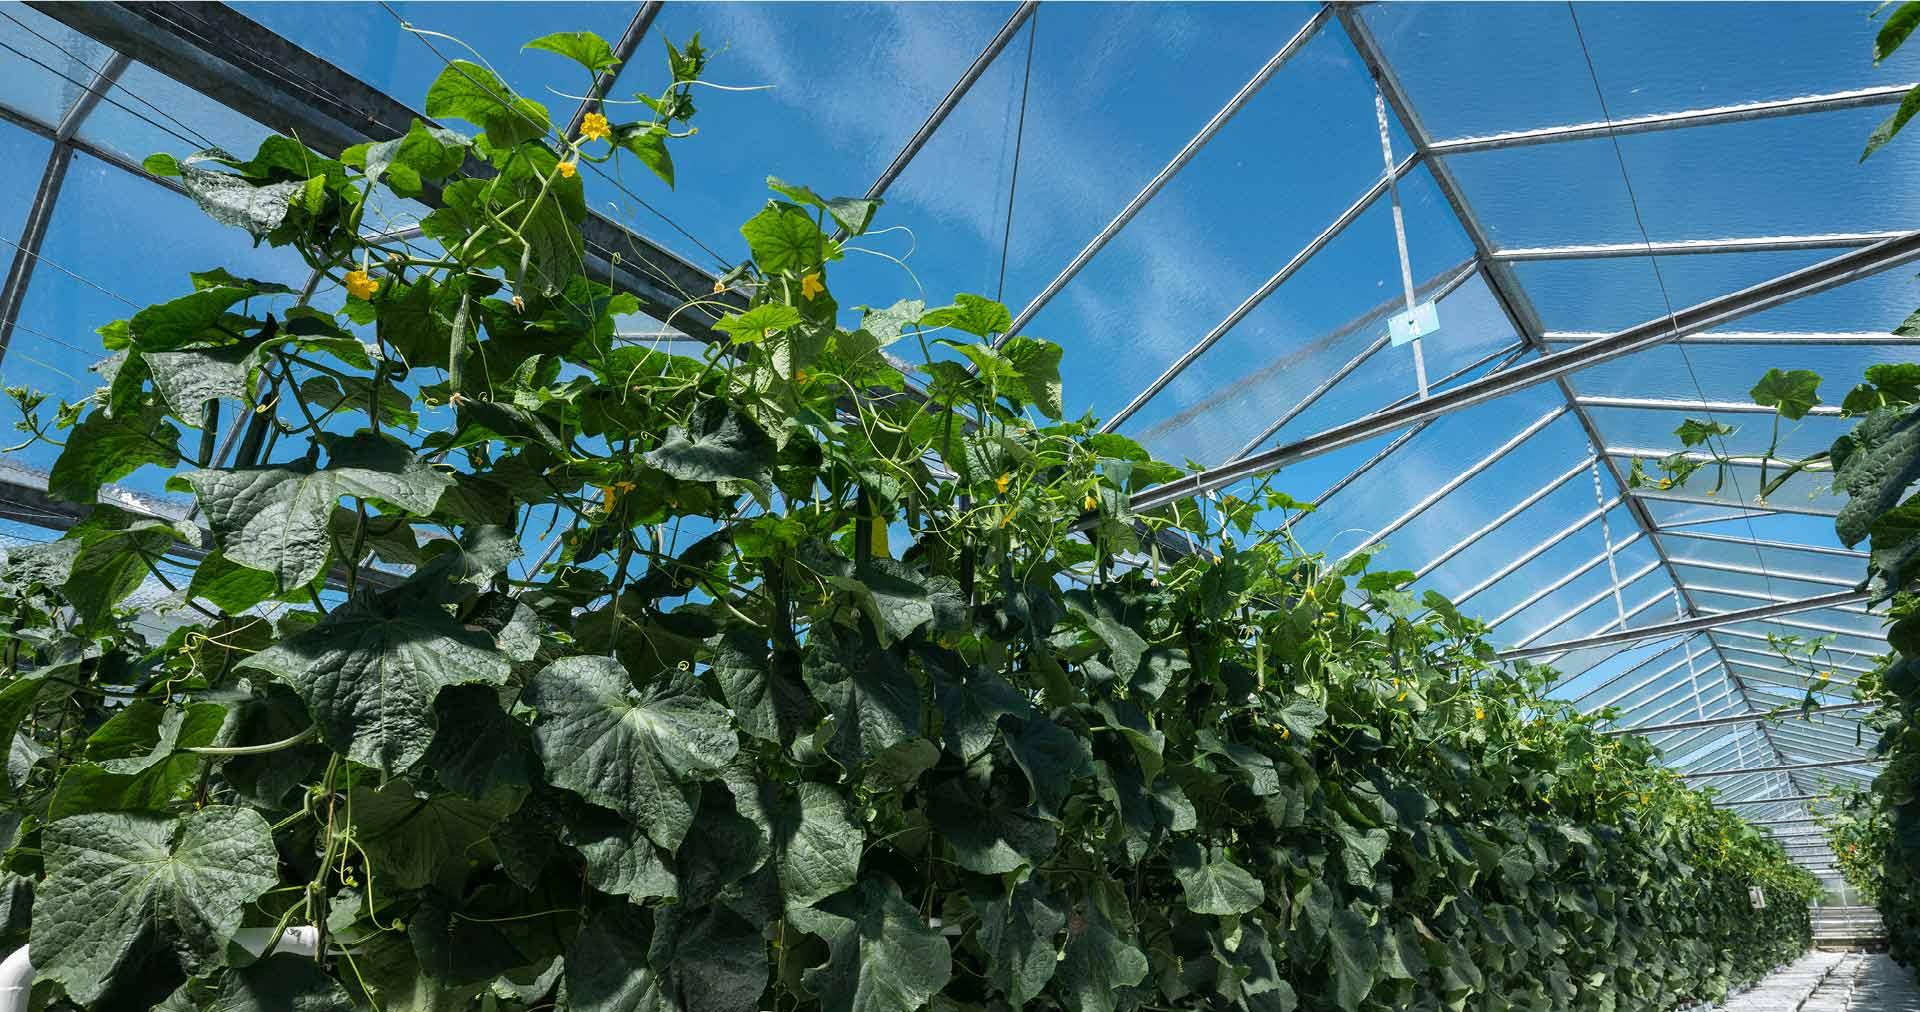 Intérieur d'une serre verre HVE : culture de concombres, sous un ciel bleu